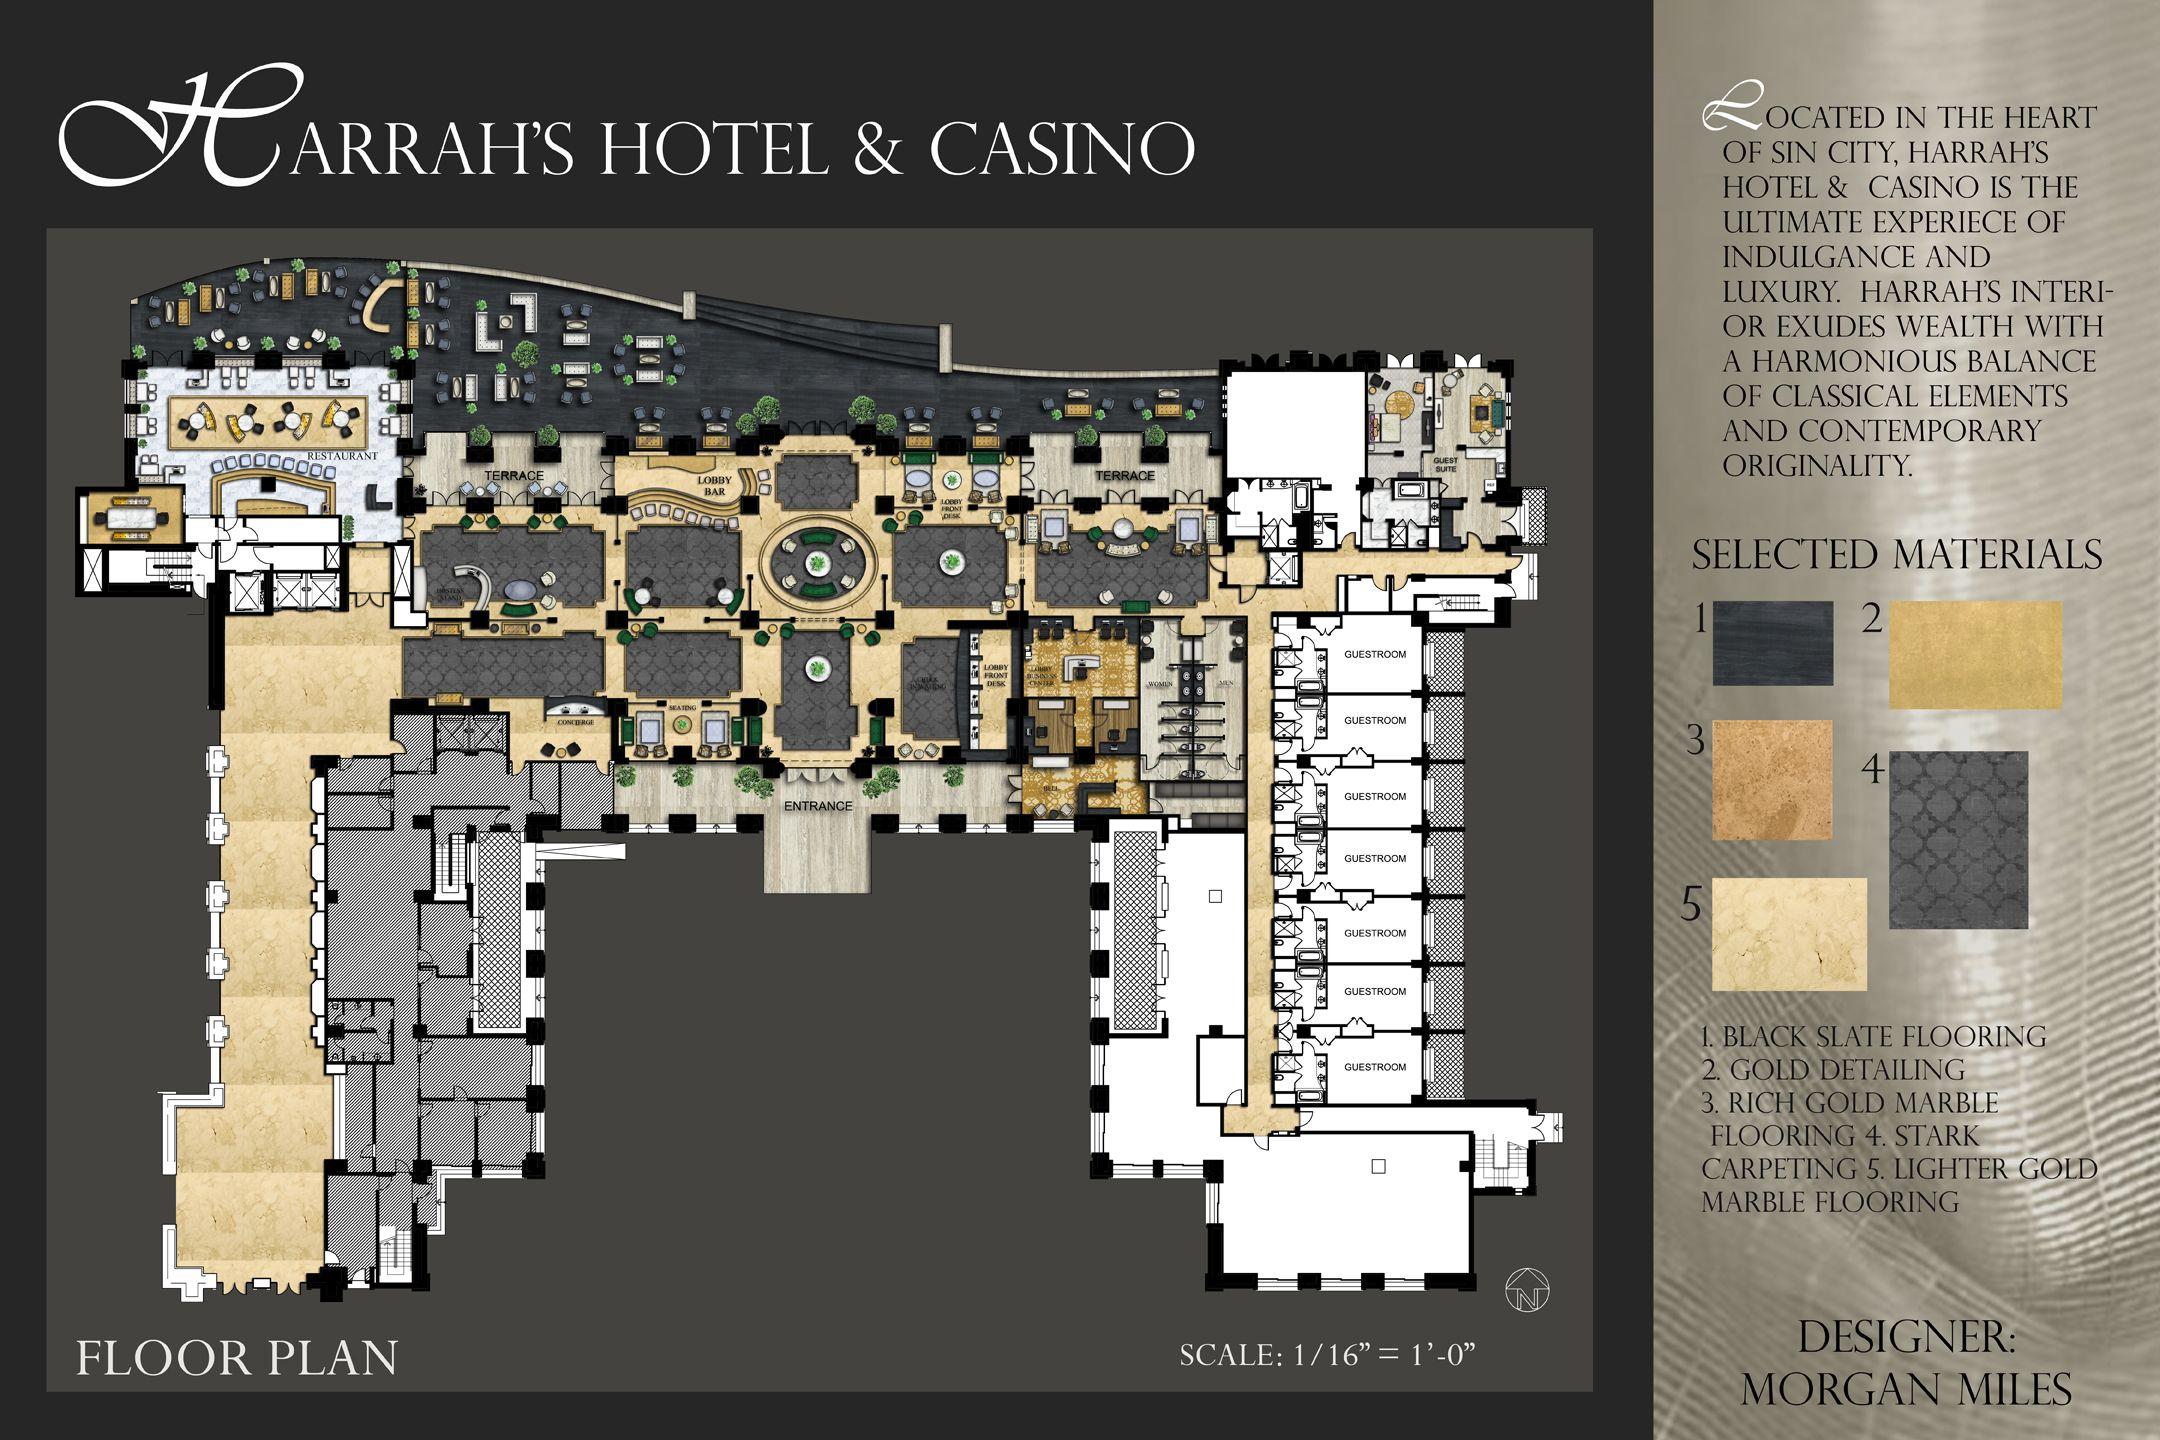 Hotel Floor Plan Design: Hotel Floor Plan